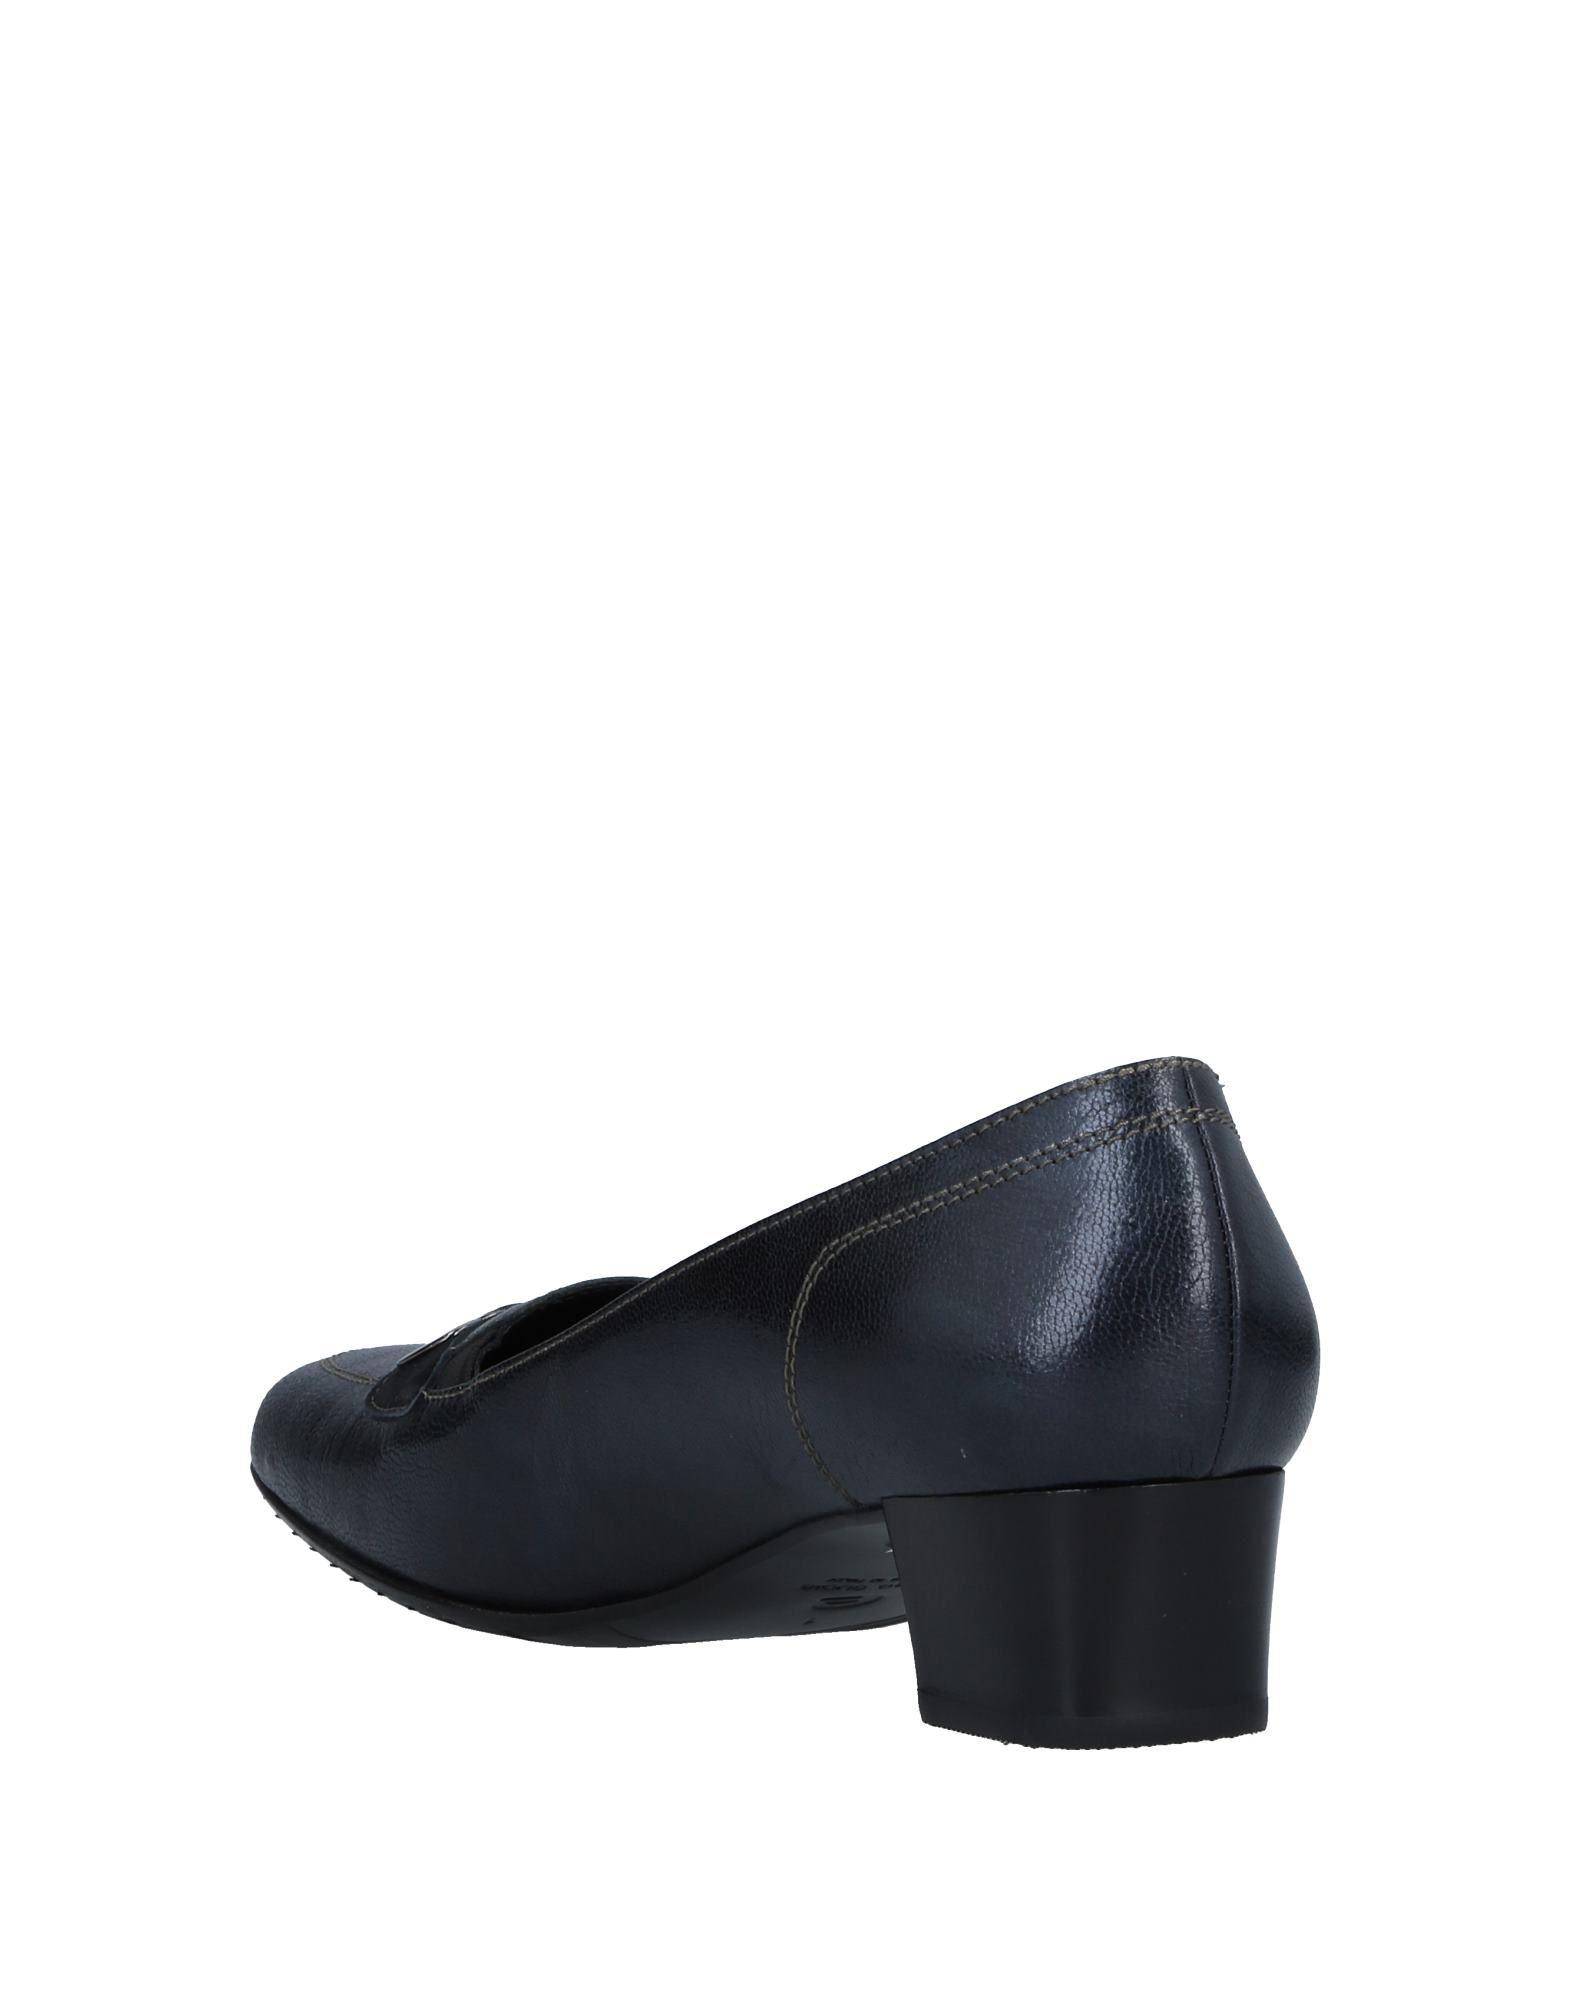 Elata Mokassins Damen  11501910XE 11501910XE 11501910XE Gute Qualität beliebte Schuhe ac9c14